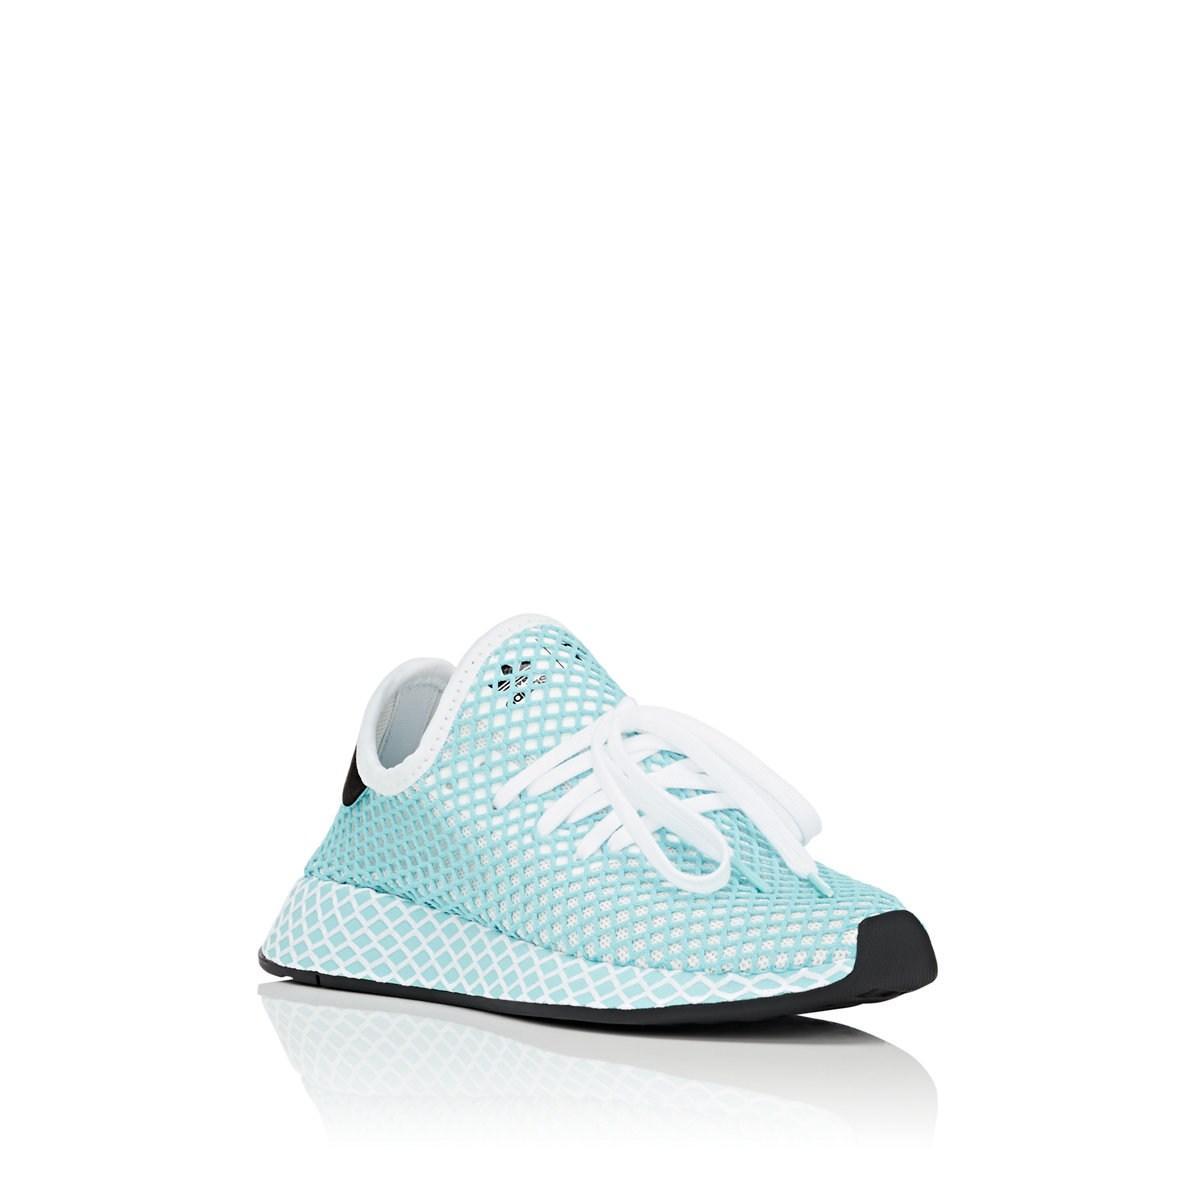 25777bbd6882c Adidas - Blue Deerupt Parley Sneakers - Lyst. View fullscreen